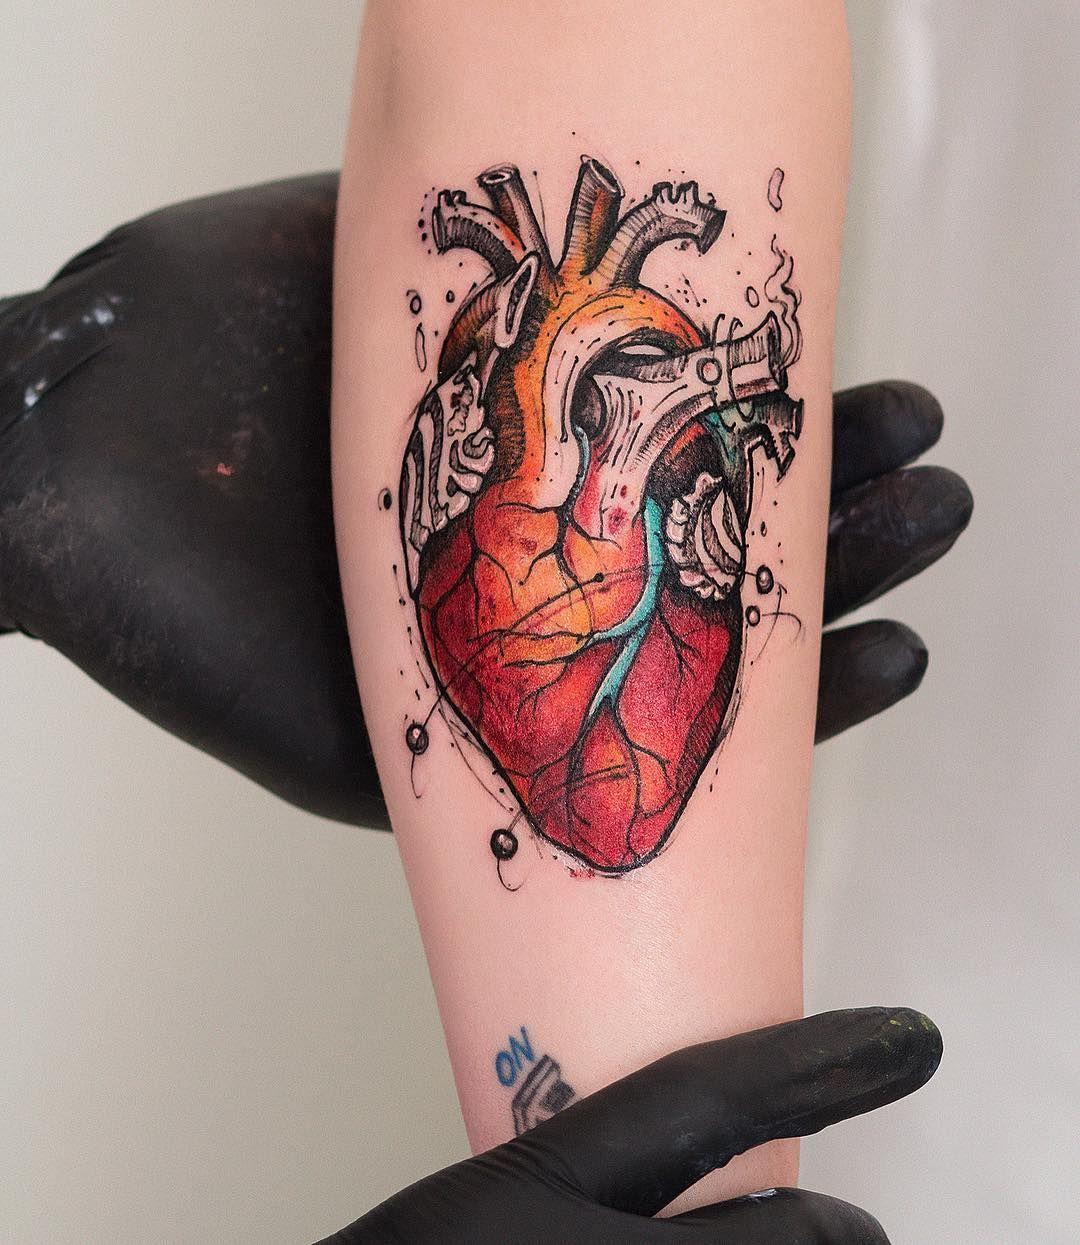 39 Inspiring Anatomical Heart Tattoos | Pinterest | Anatomical heart ...